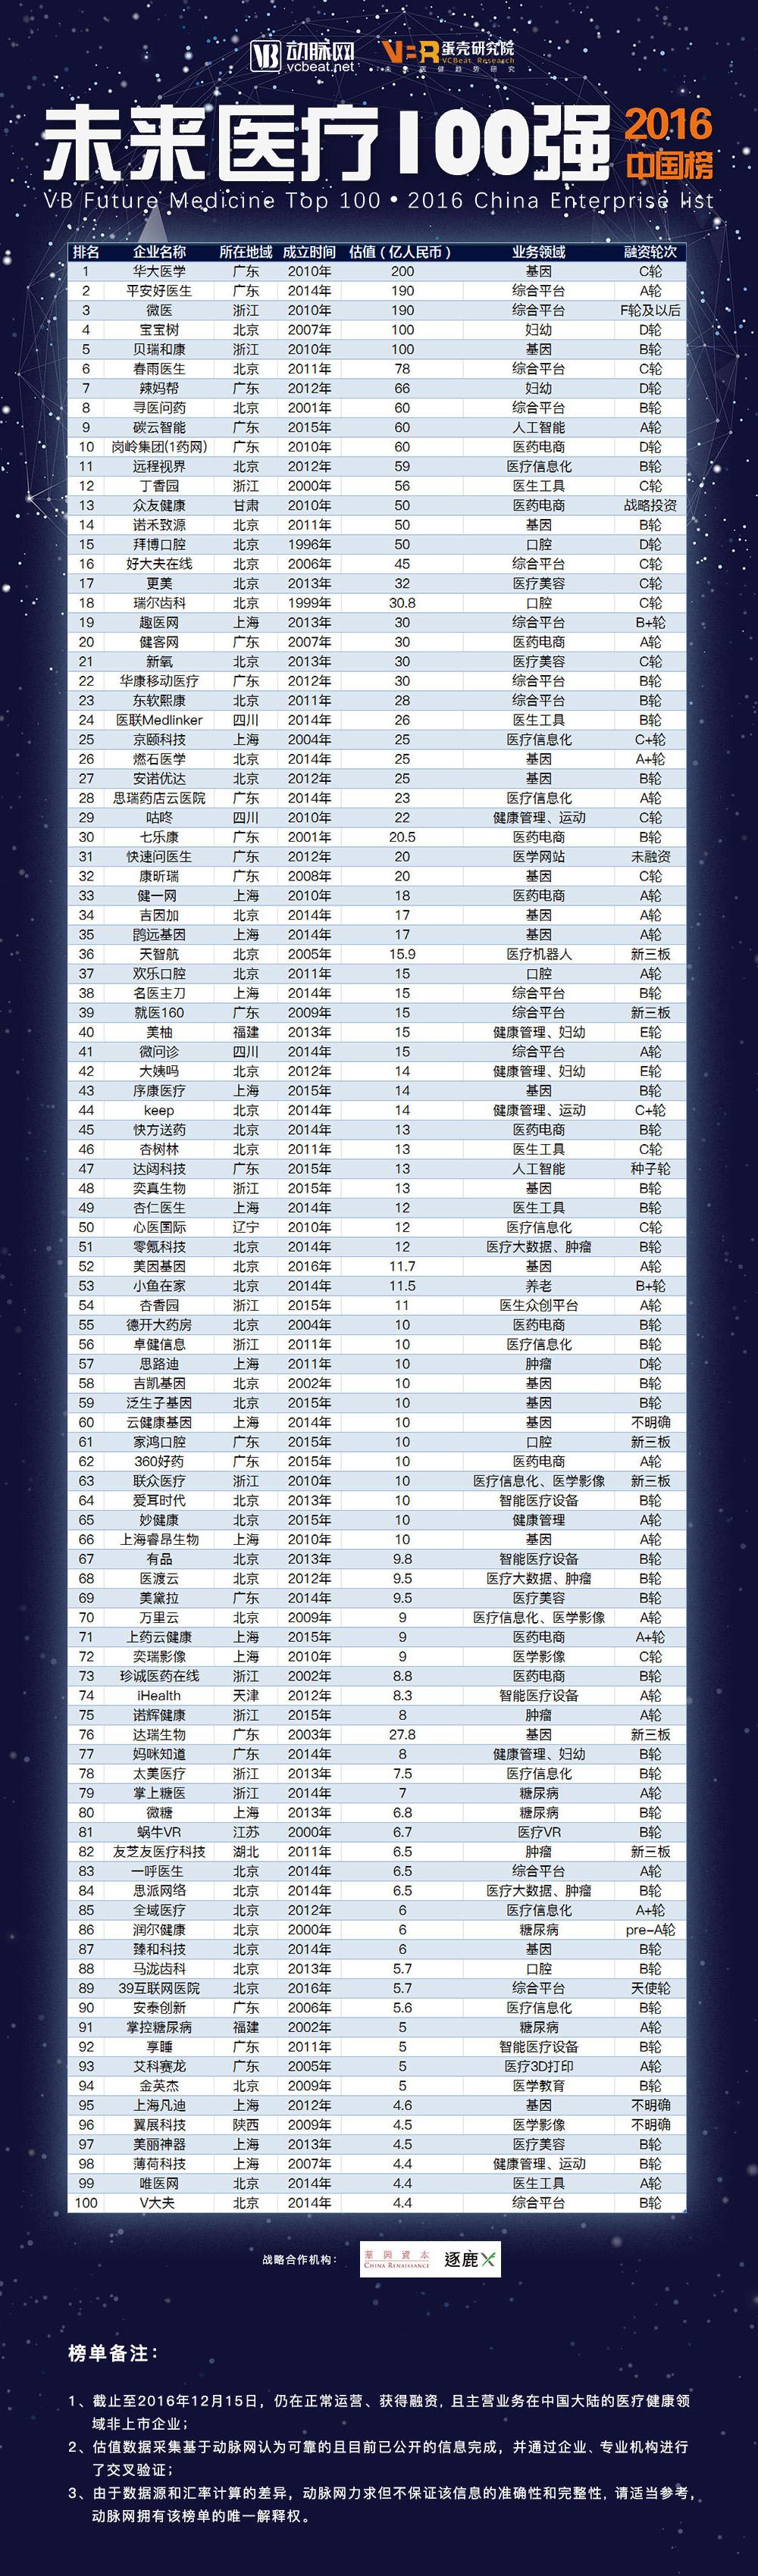 中国未来医疗2016产业报告 主要集中在北广上浙